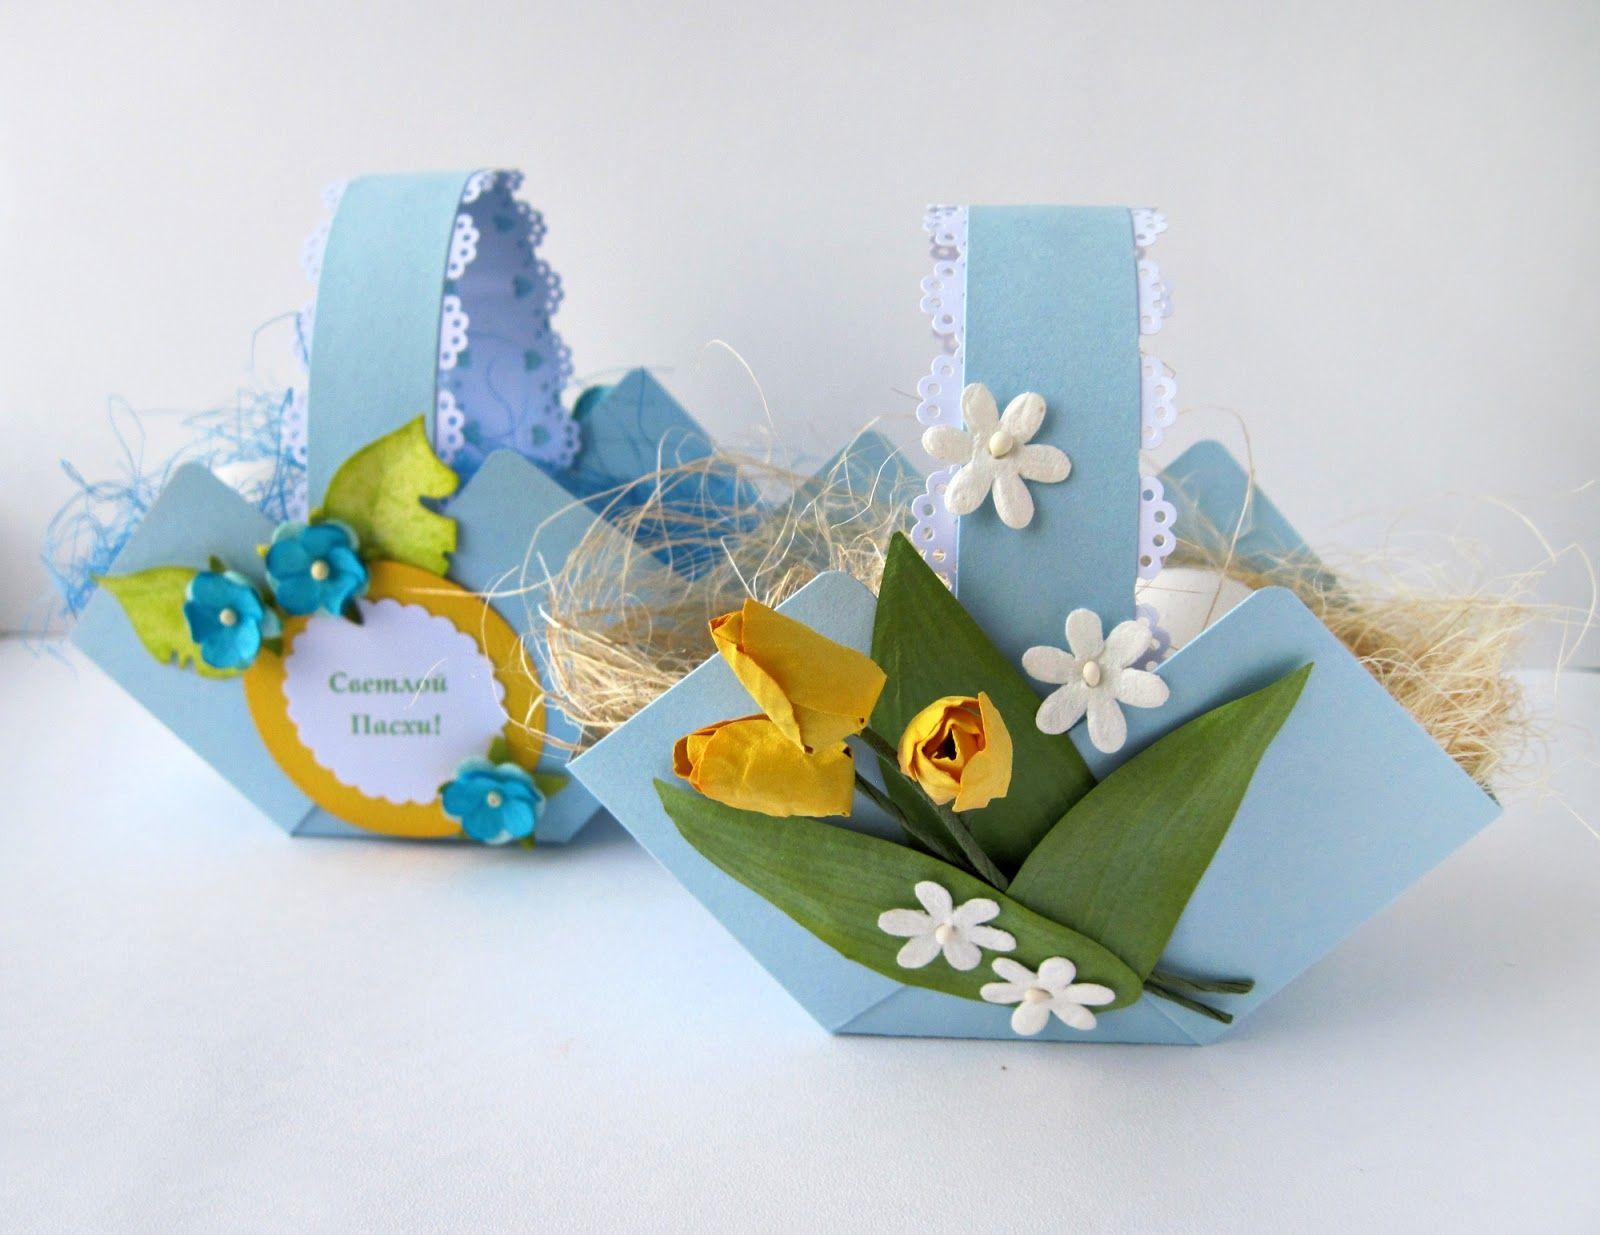 Пасхальные корзинки своими руками из бумаги и картона: 3 МК (+37 фото)